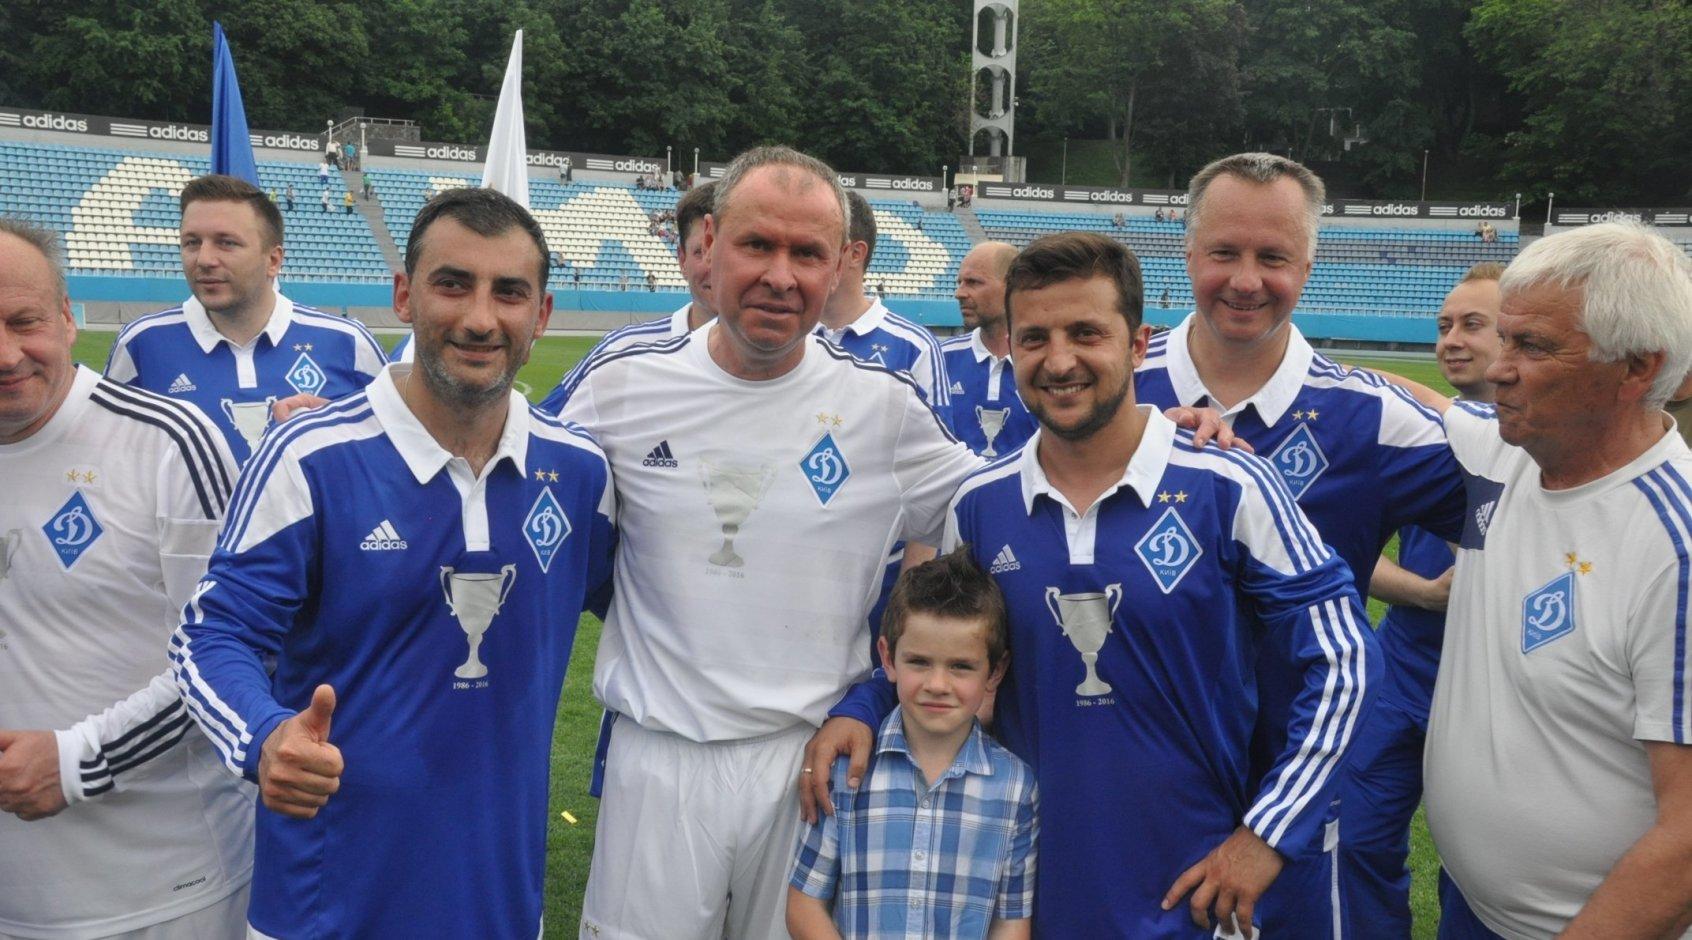 Сегодня свой день рождения отмечает Геннадий Литовченко